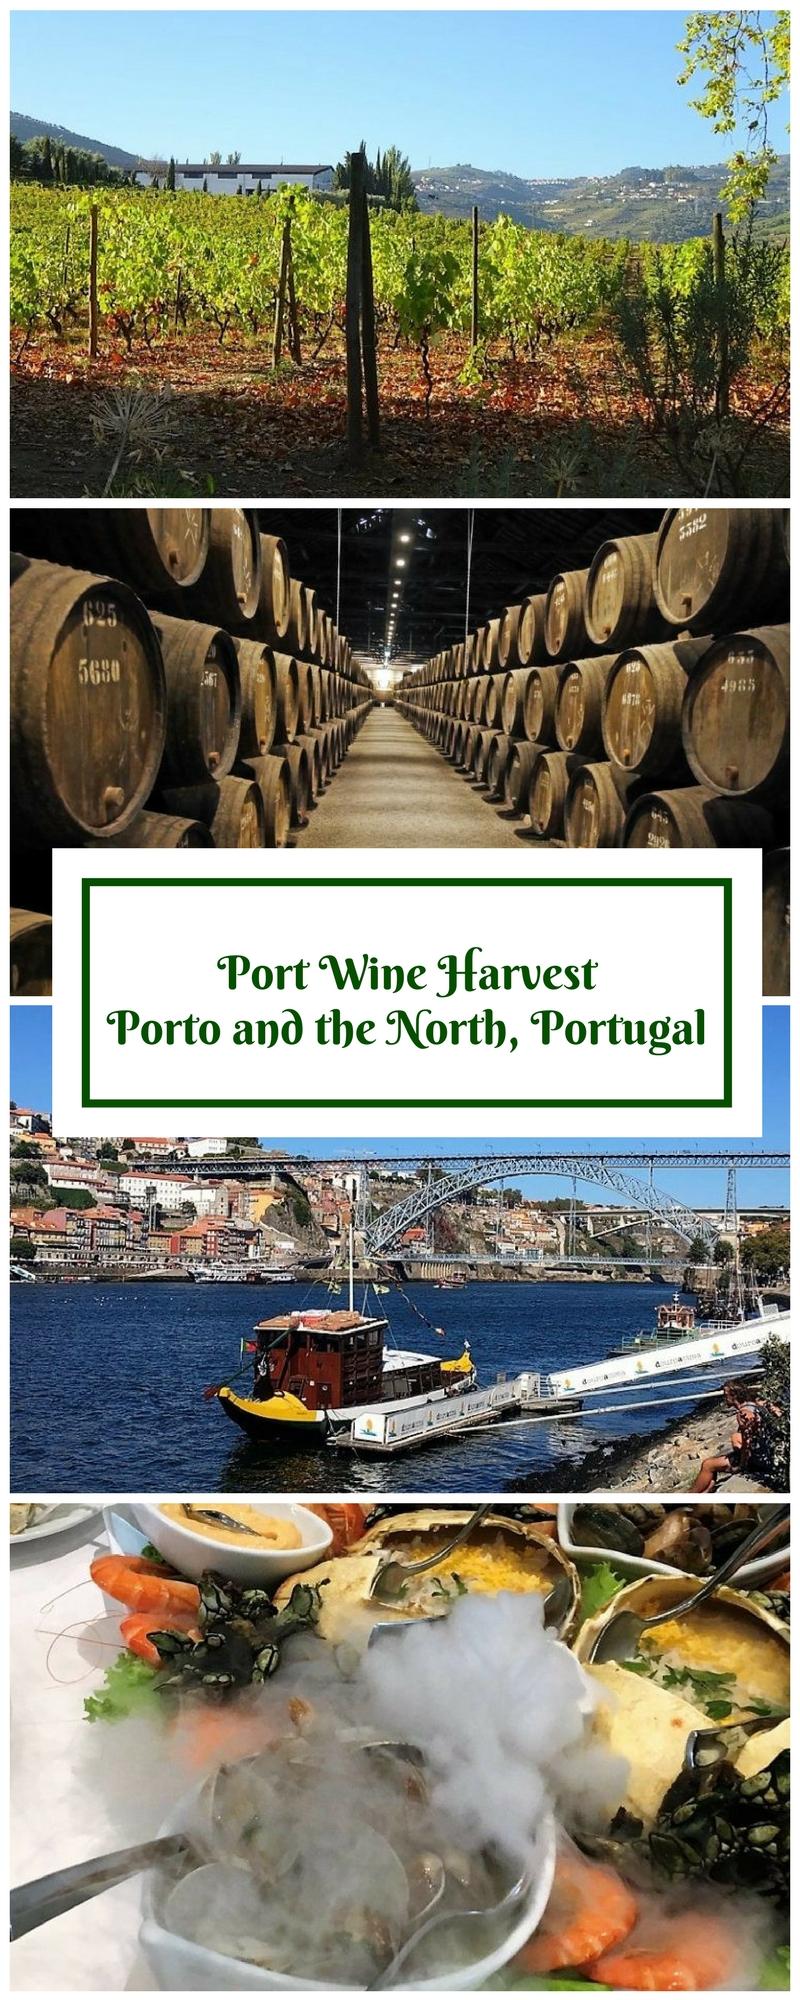 Port Wine Harvest - Porto, Northern Portugal